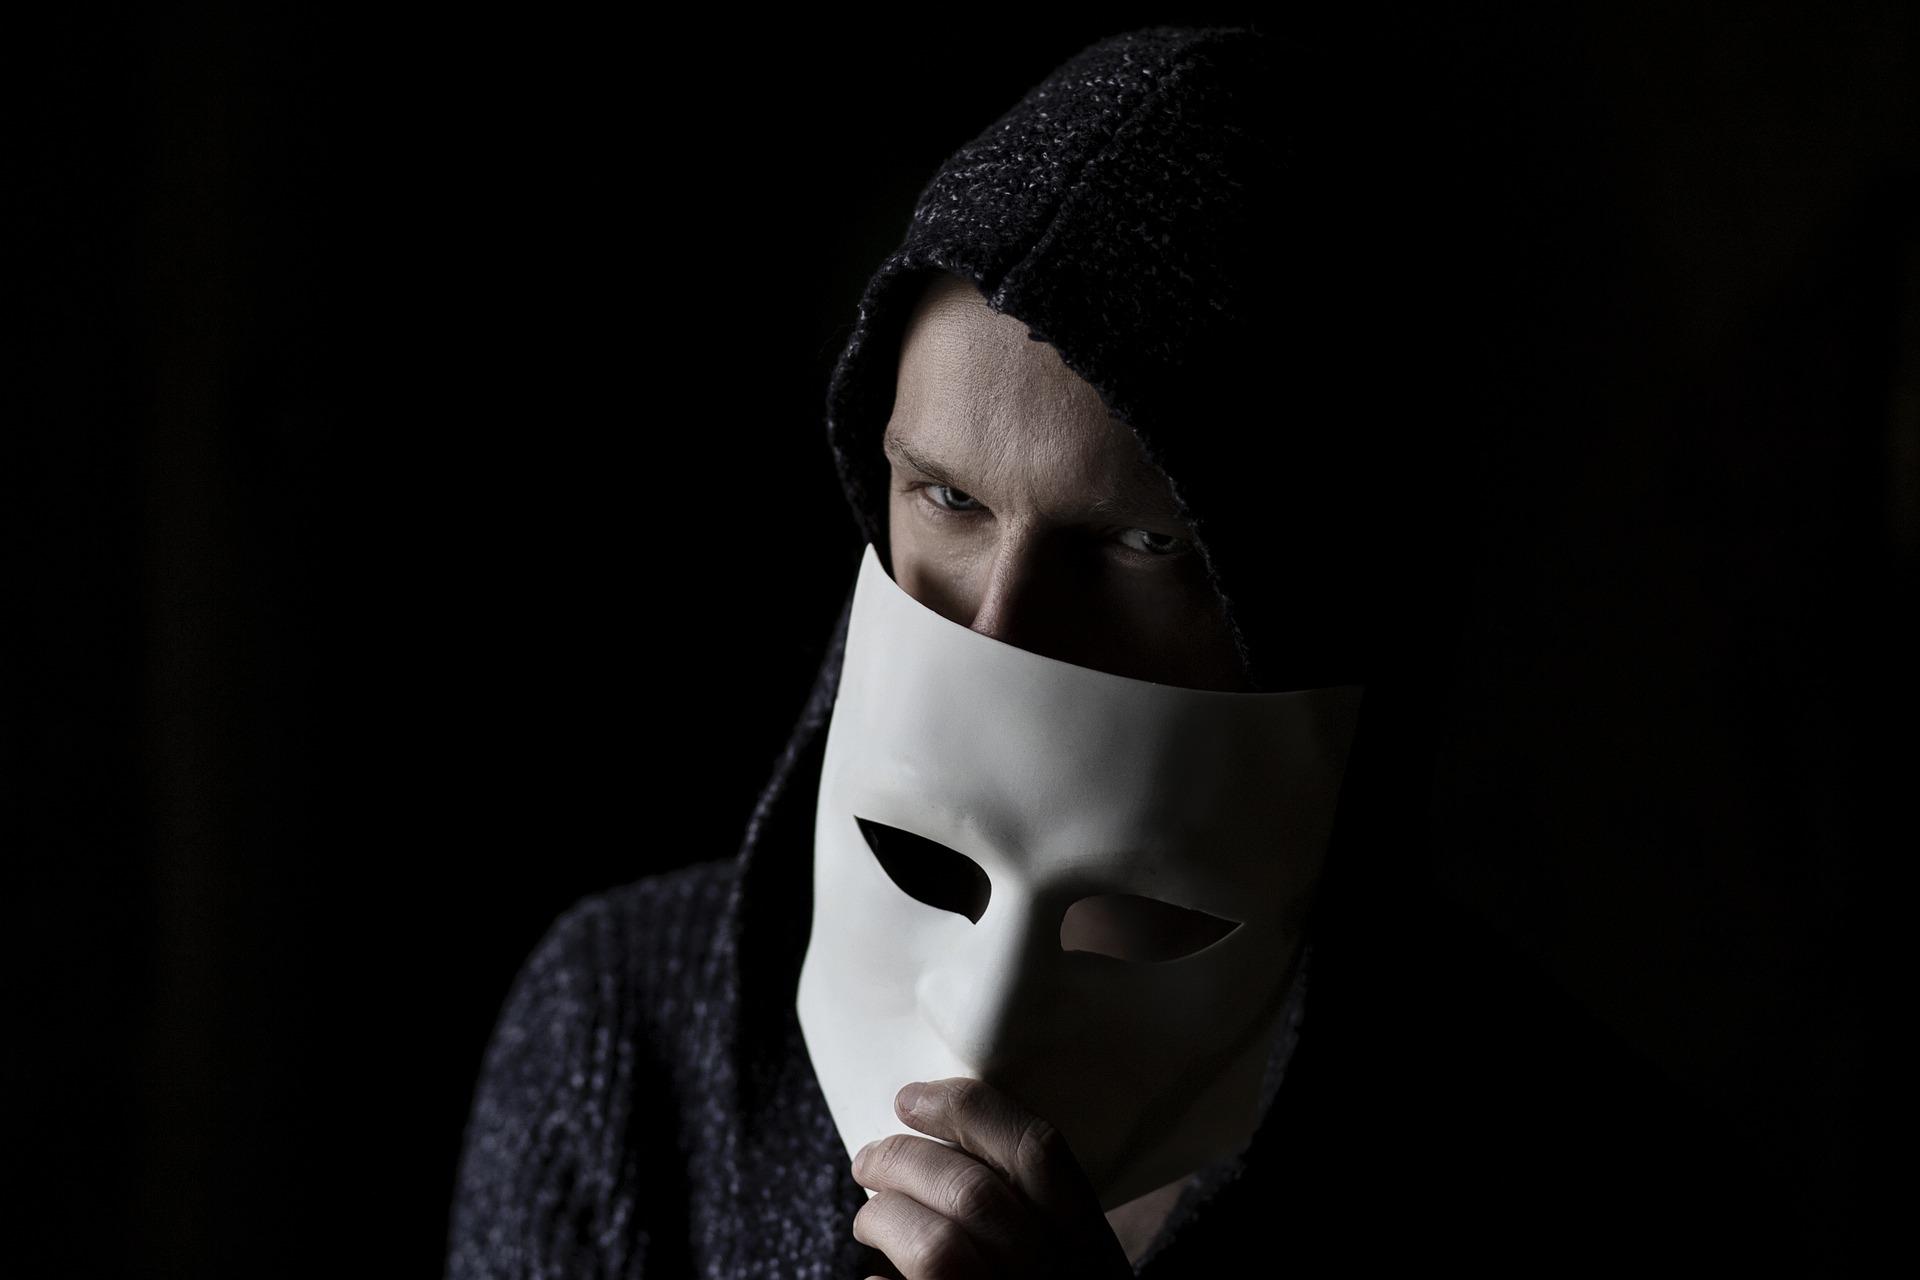 Mann, der sich unter einer Maske versteckt